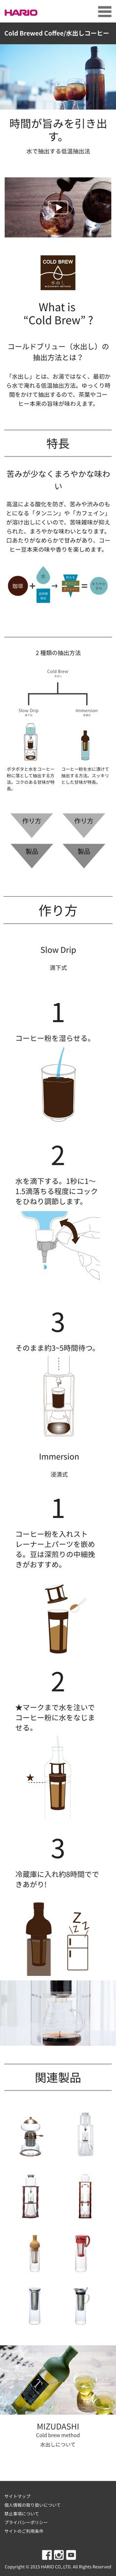 Cold Brewed Coffee / 水出しコーヒー - HARIO株式会社 #コーヒー #coffee